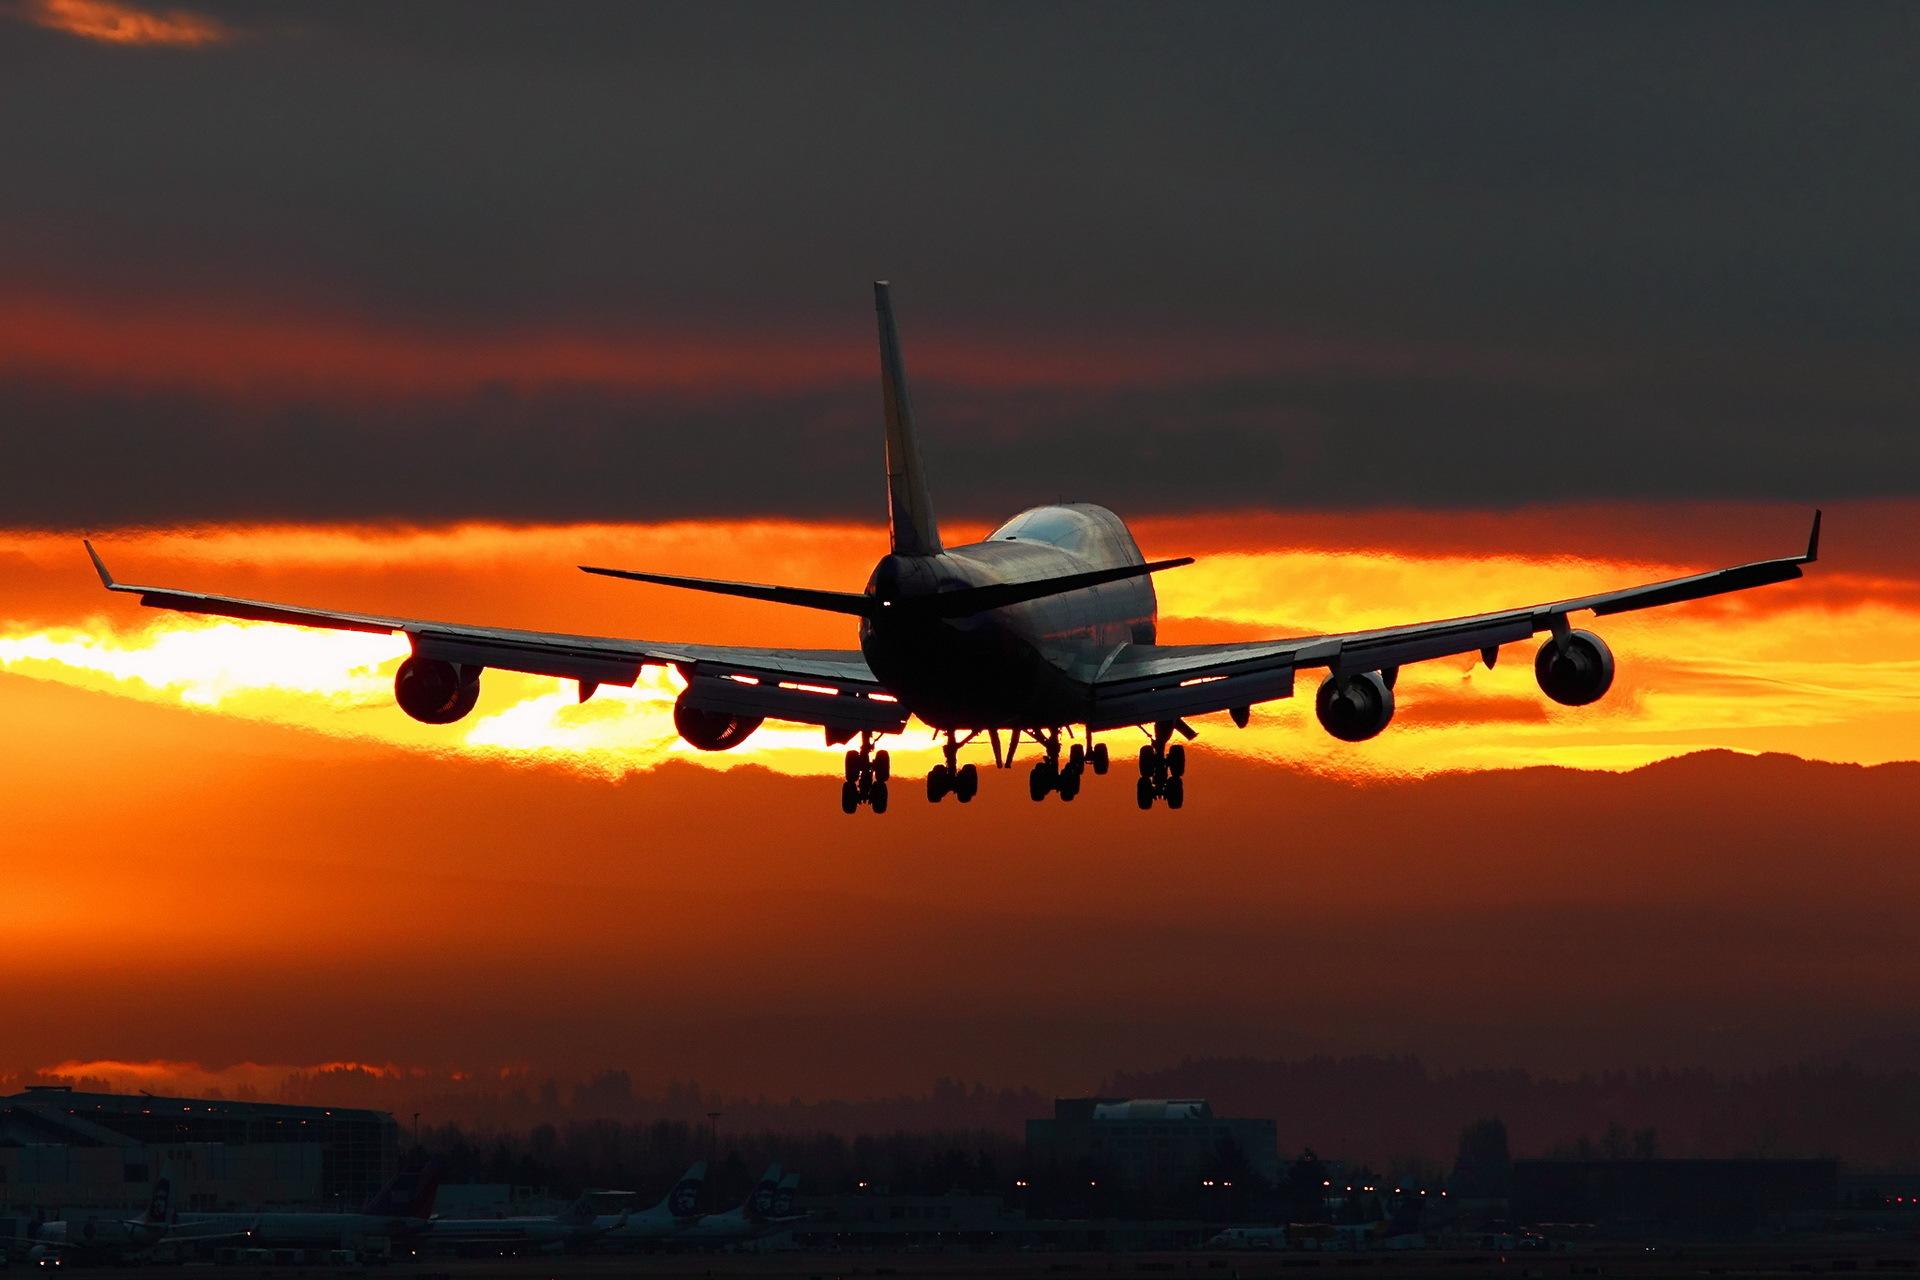 численних сирників, самолеты фото для рабочего гриб